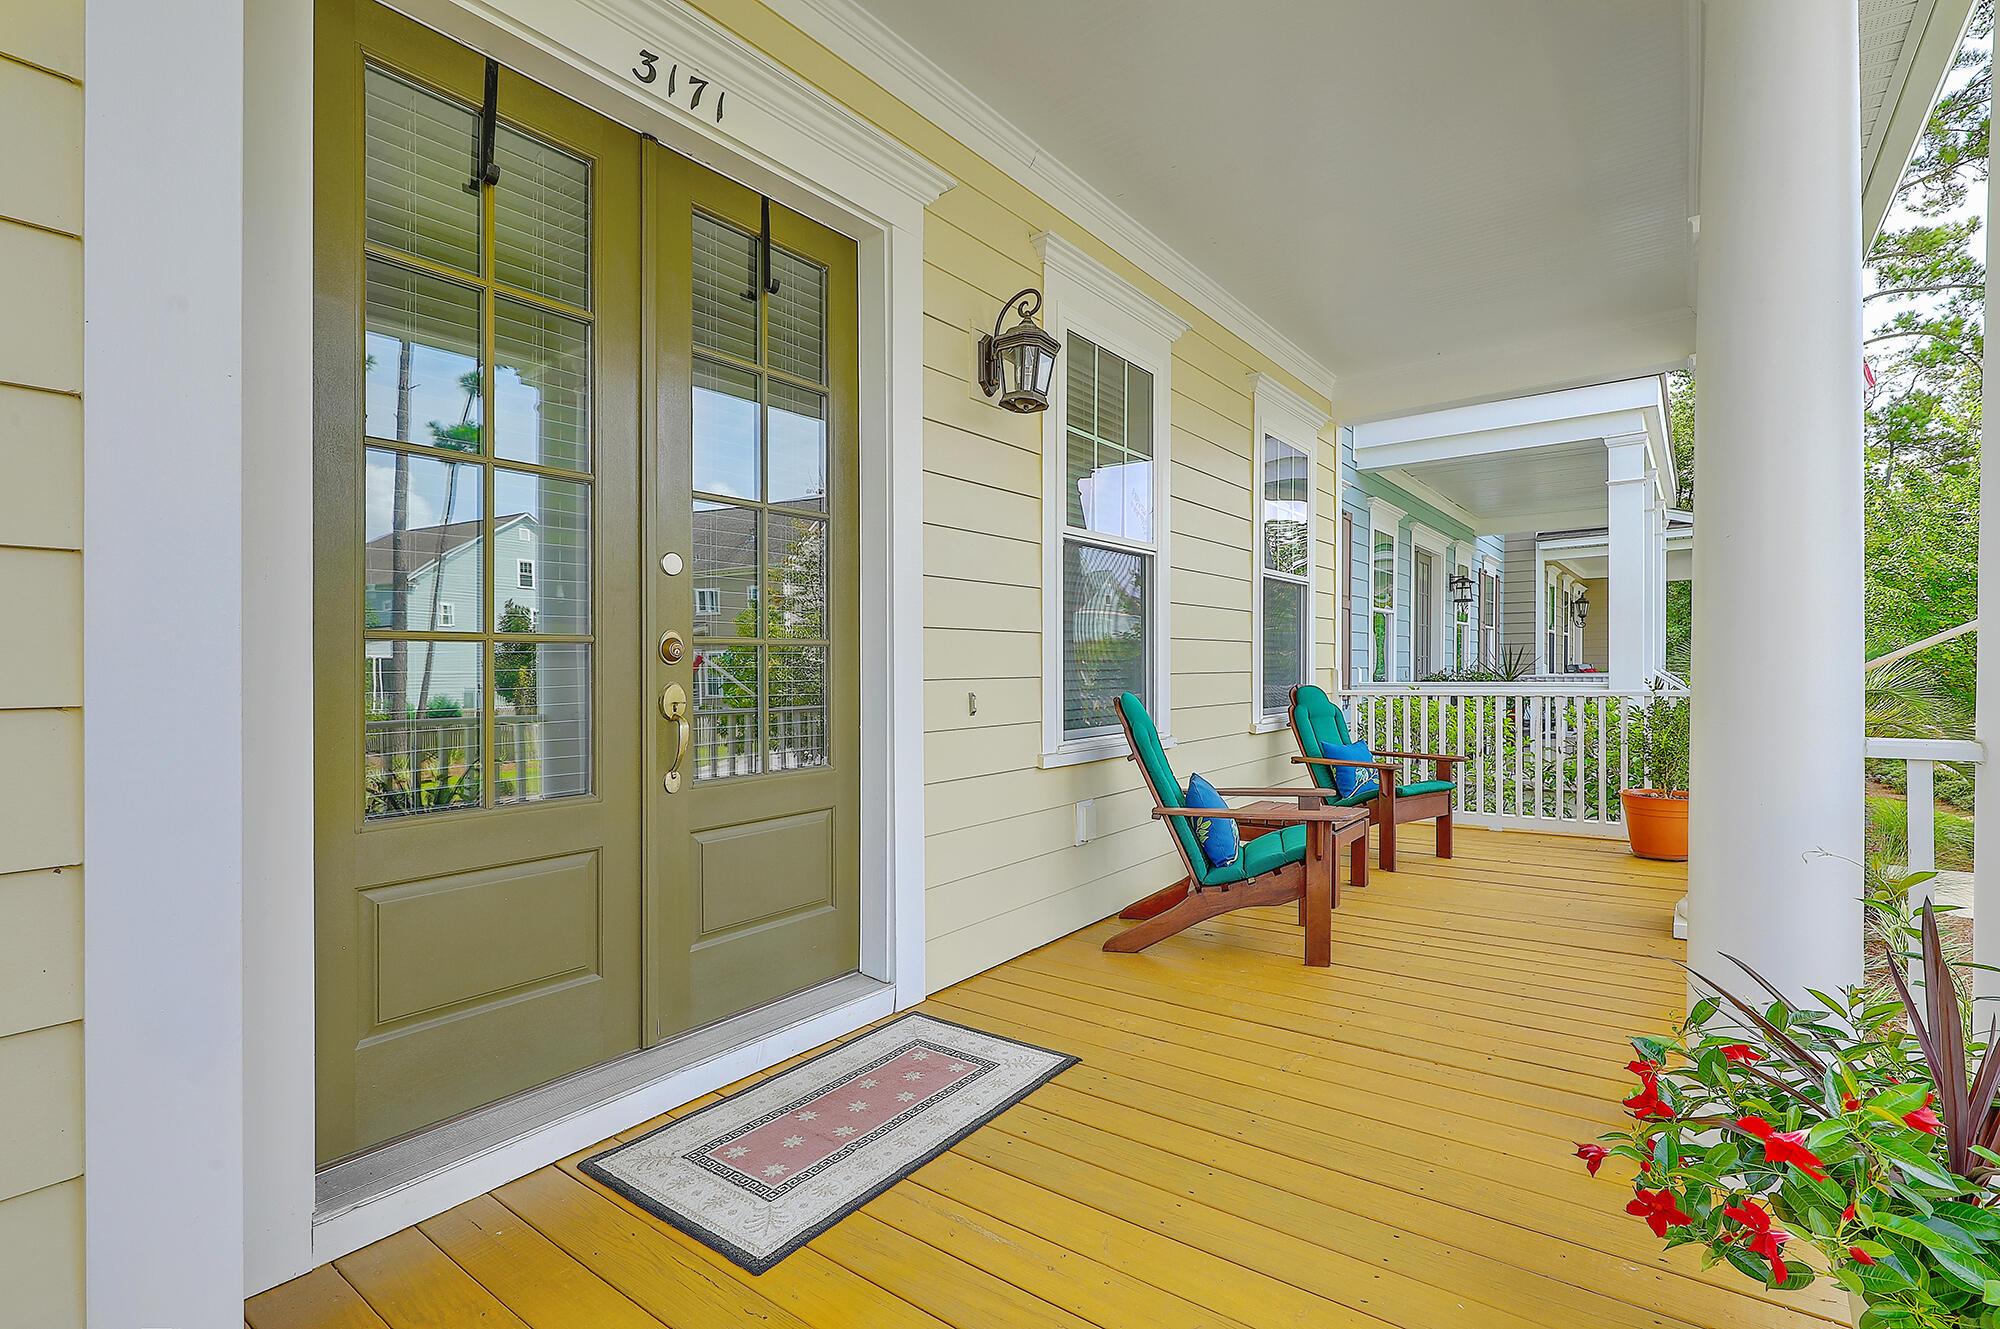 Dunes West Homes For Sale - 3171 Sturbridge, Mount Pleasant, SC - 4